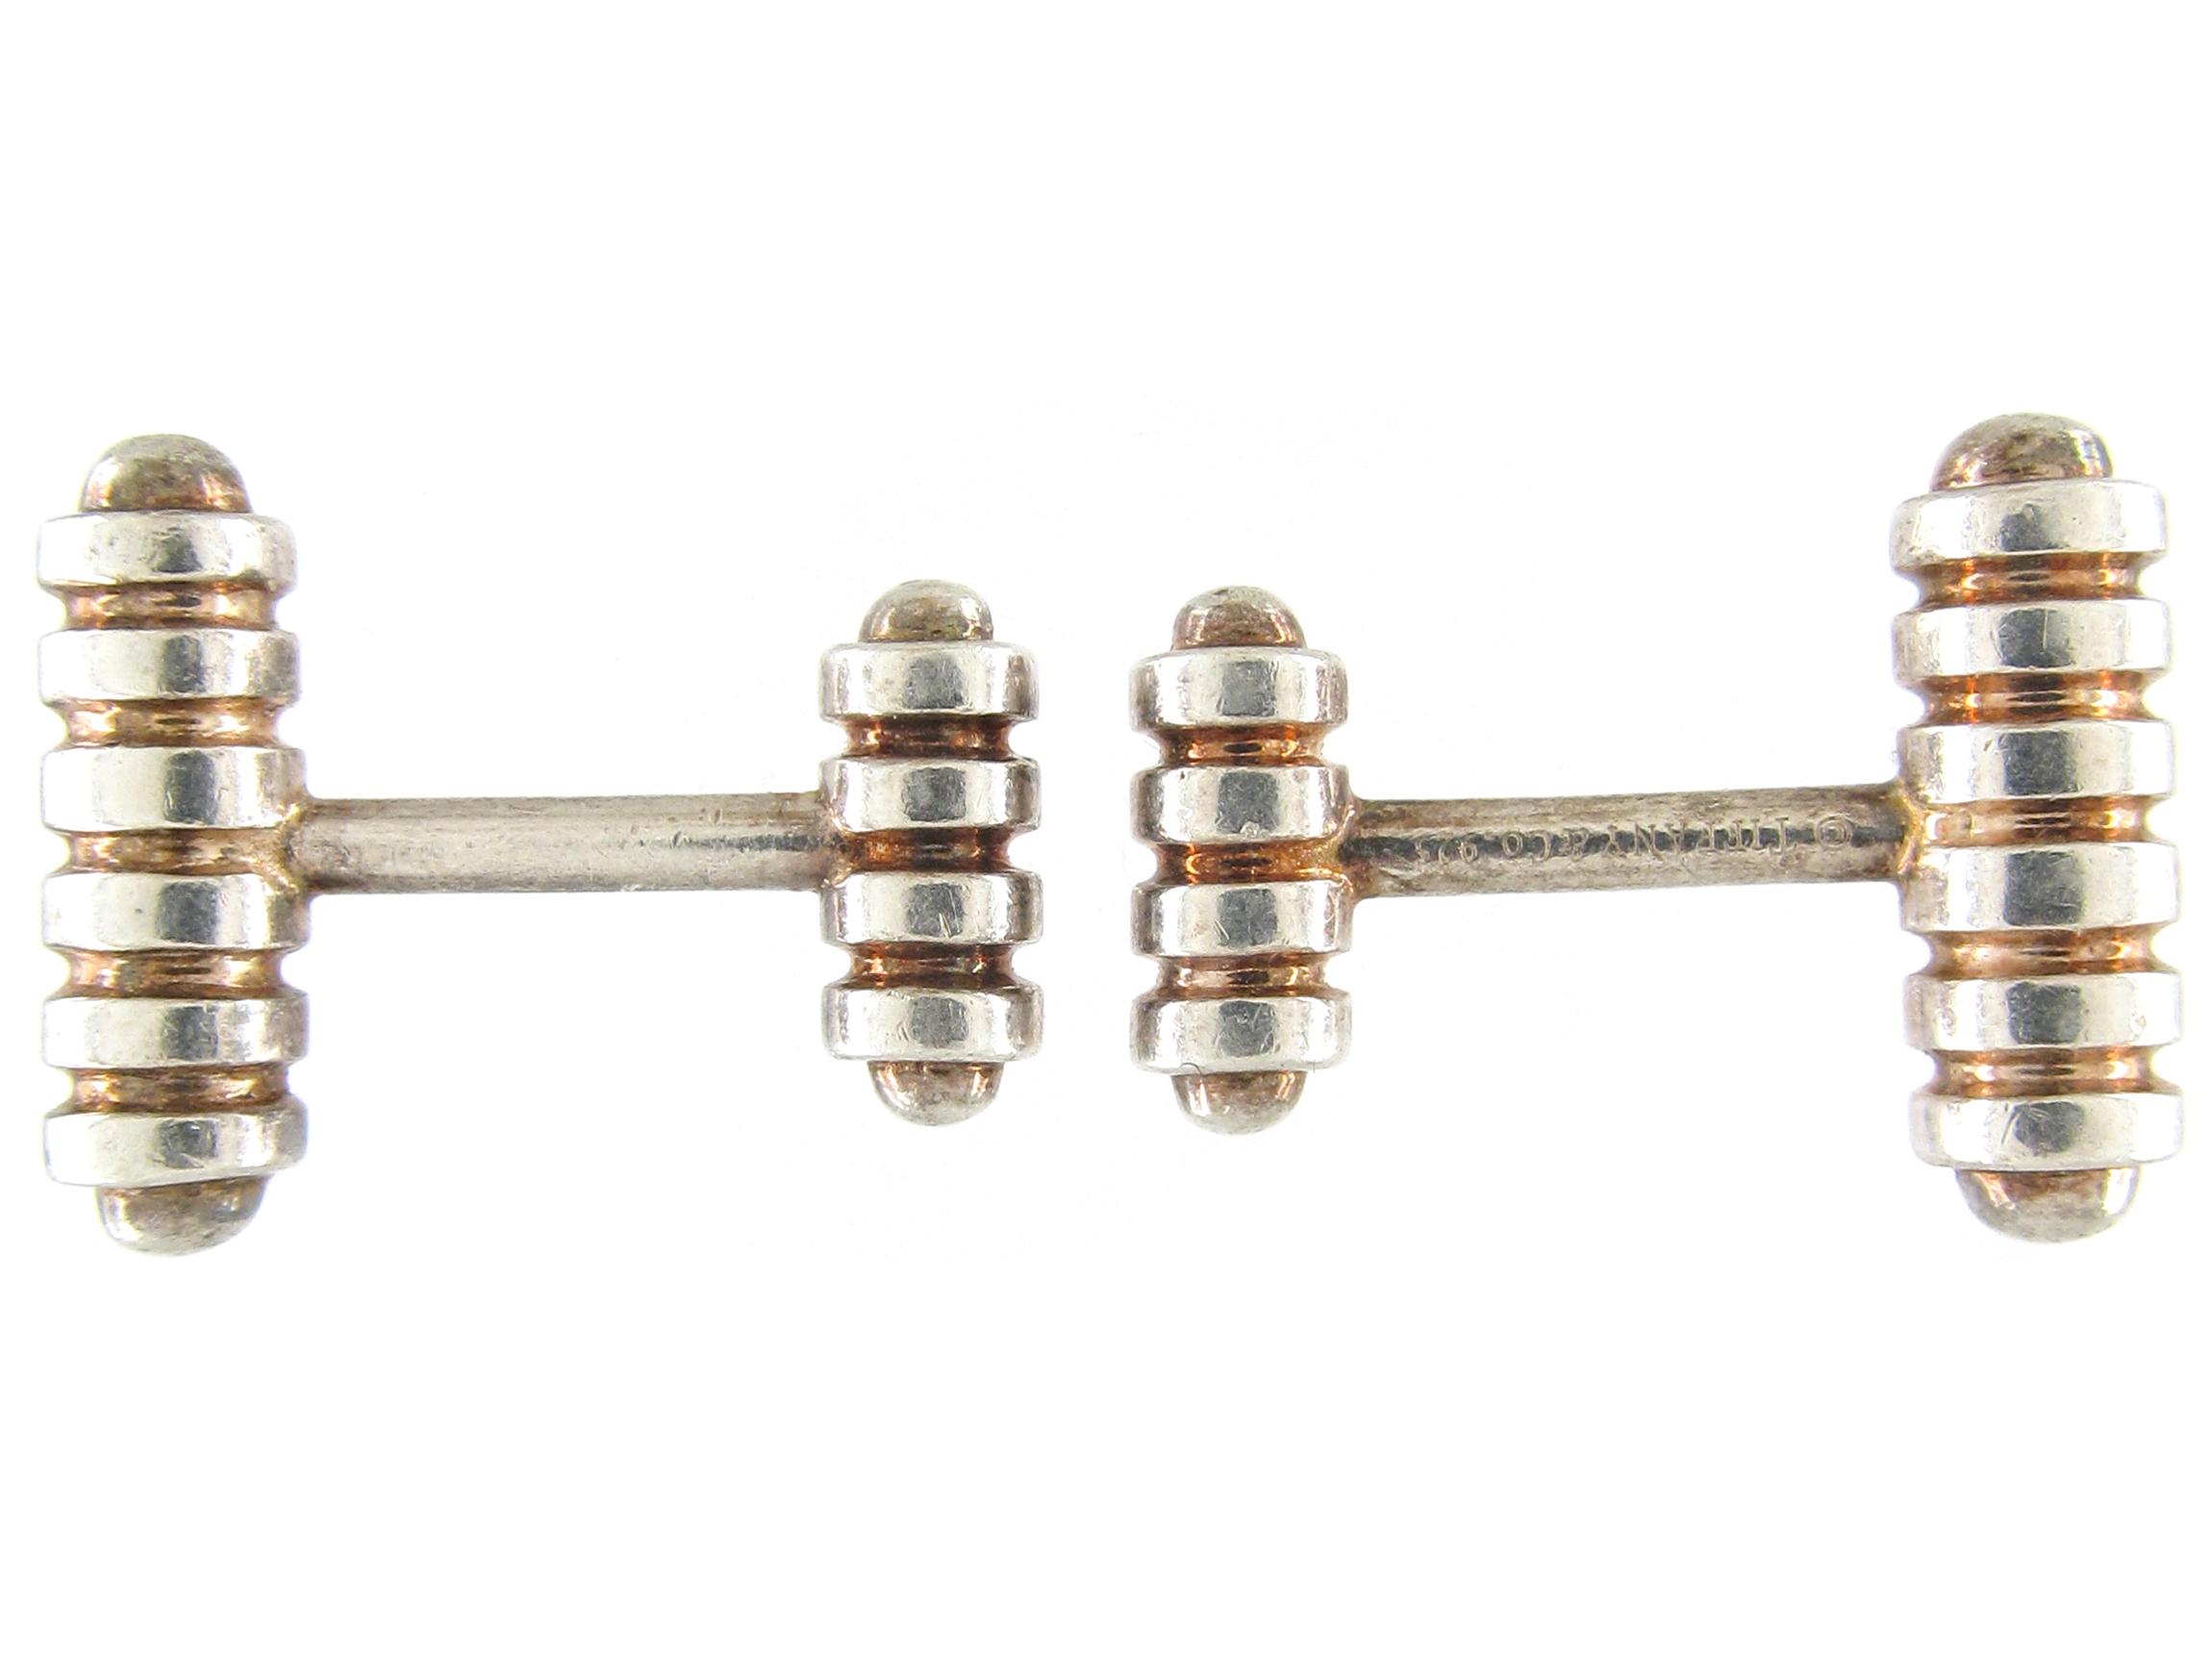 Tiffany & Co. Silver & Silver Gilt Cufflinks